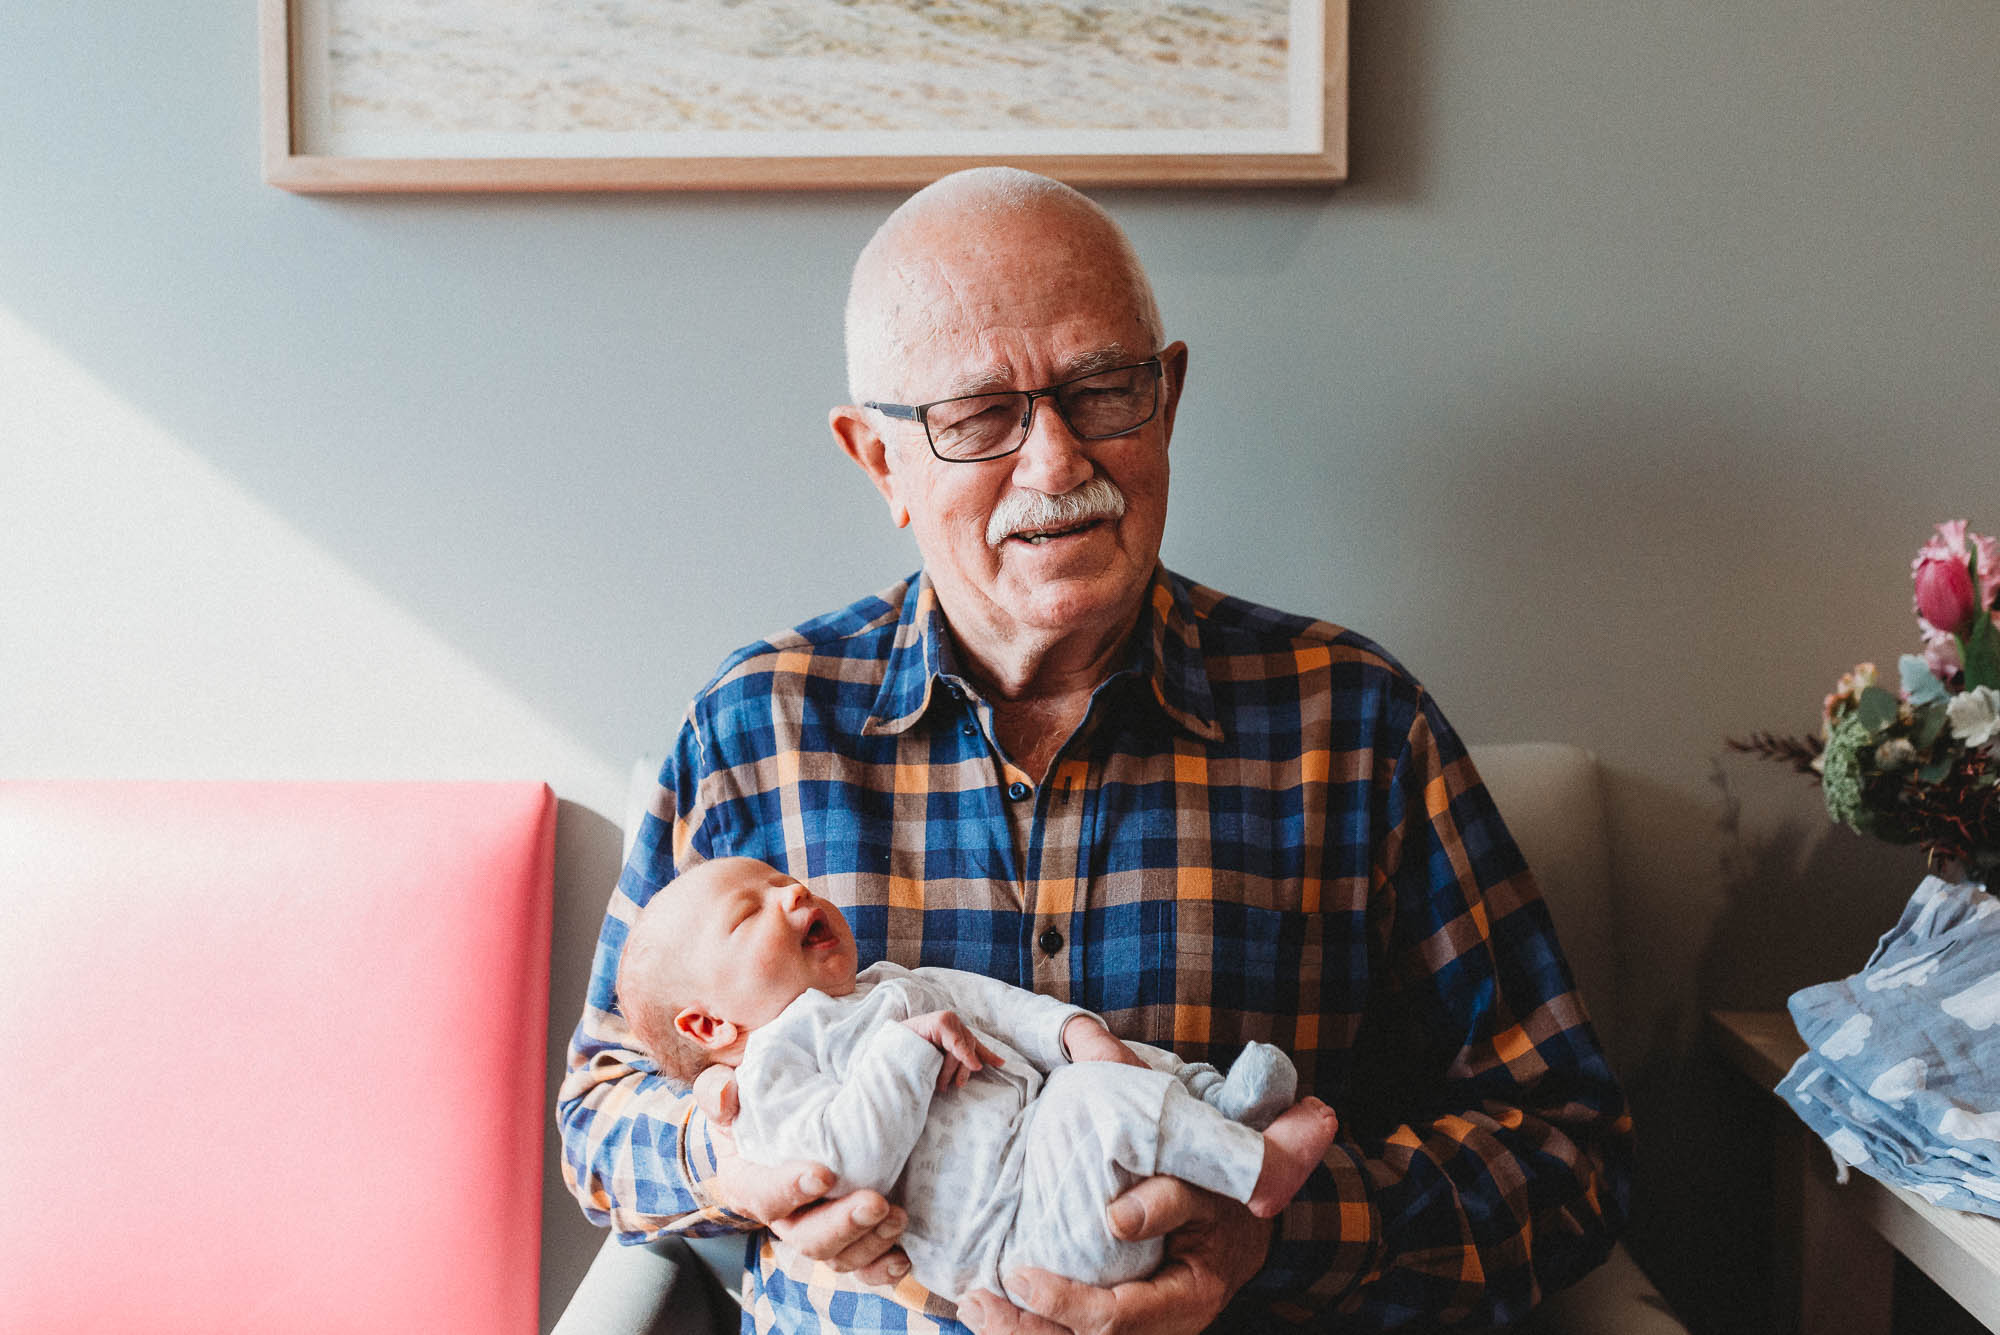 grandpa-holding-newborn-in-hospital-melbourne